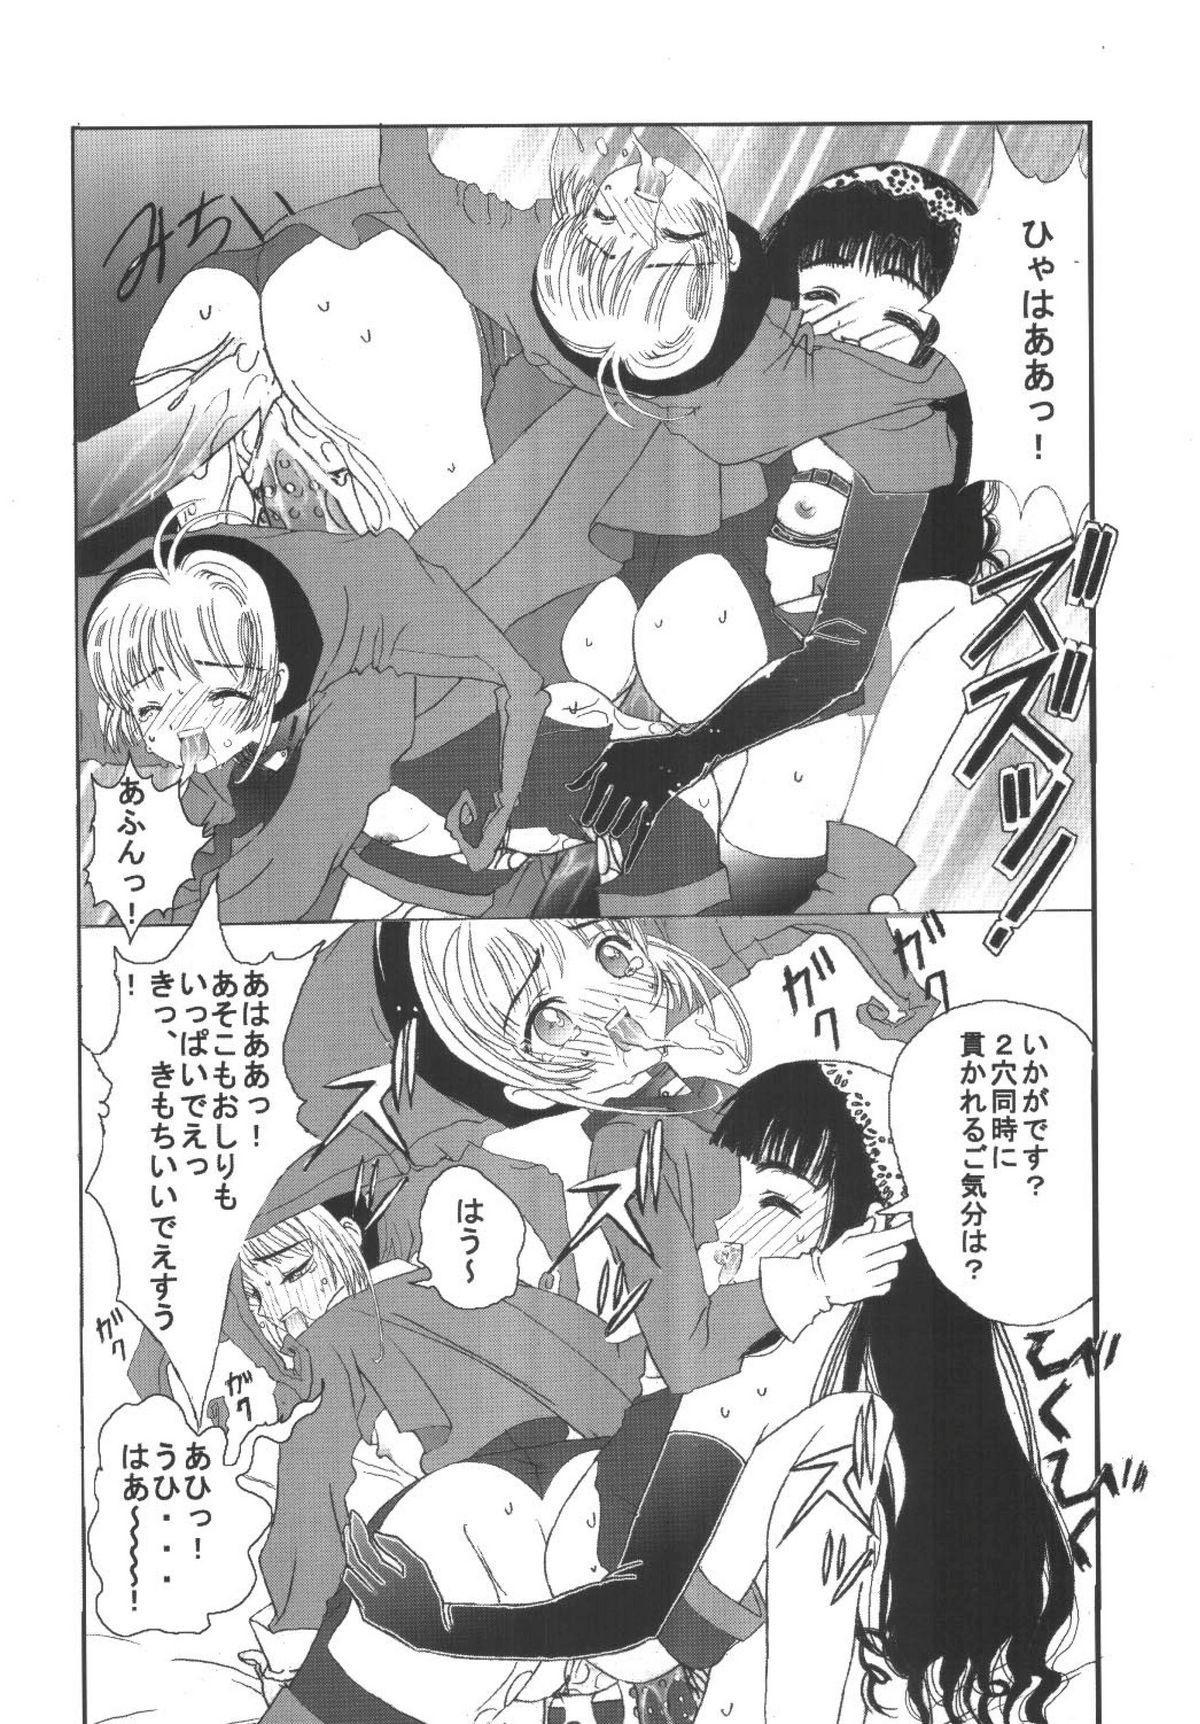 Kuuronziyou 6 Sakura-chan de Asobou 3 23